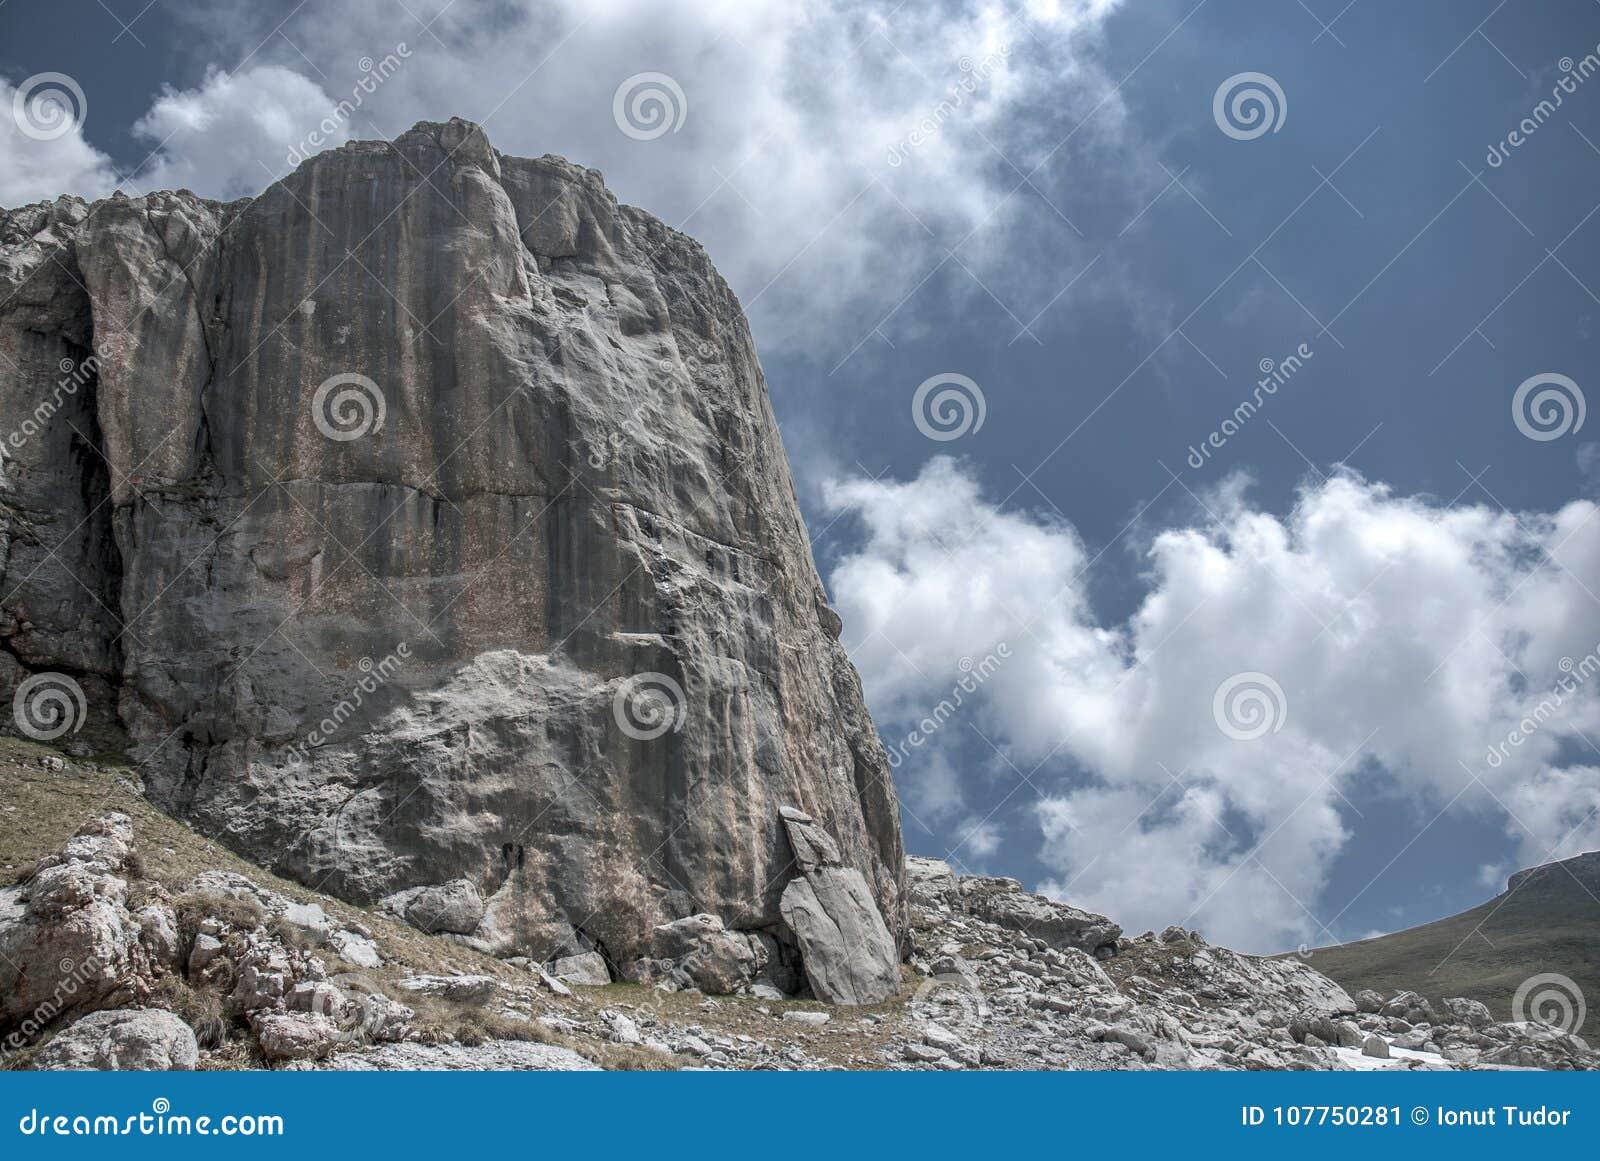 Gigantyczny halny skalisty szczyt wśród chmur